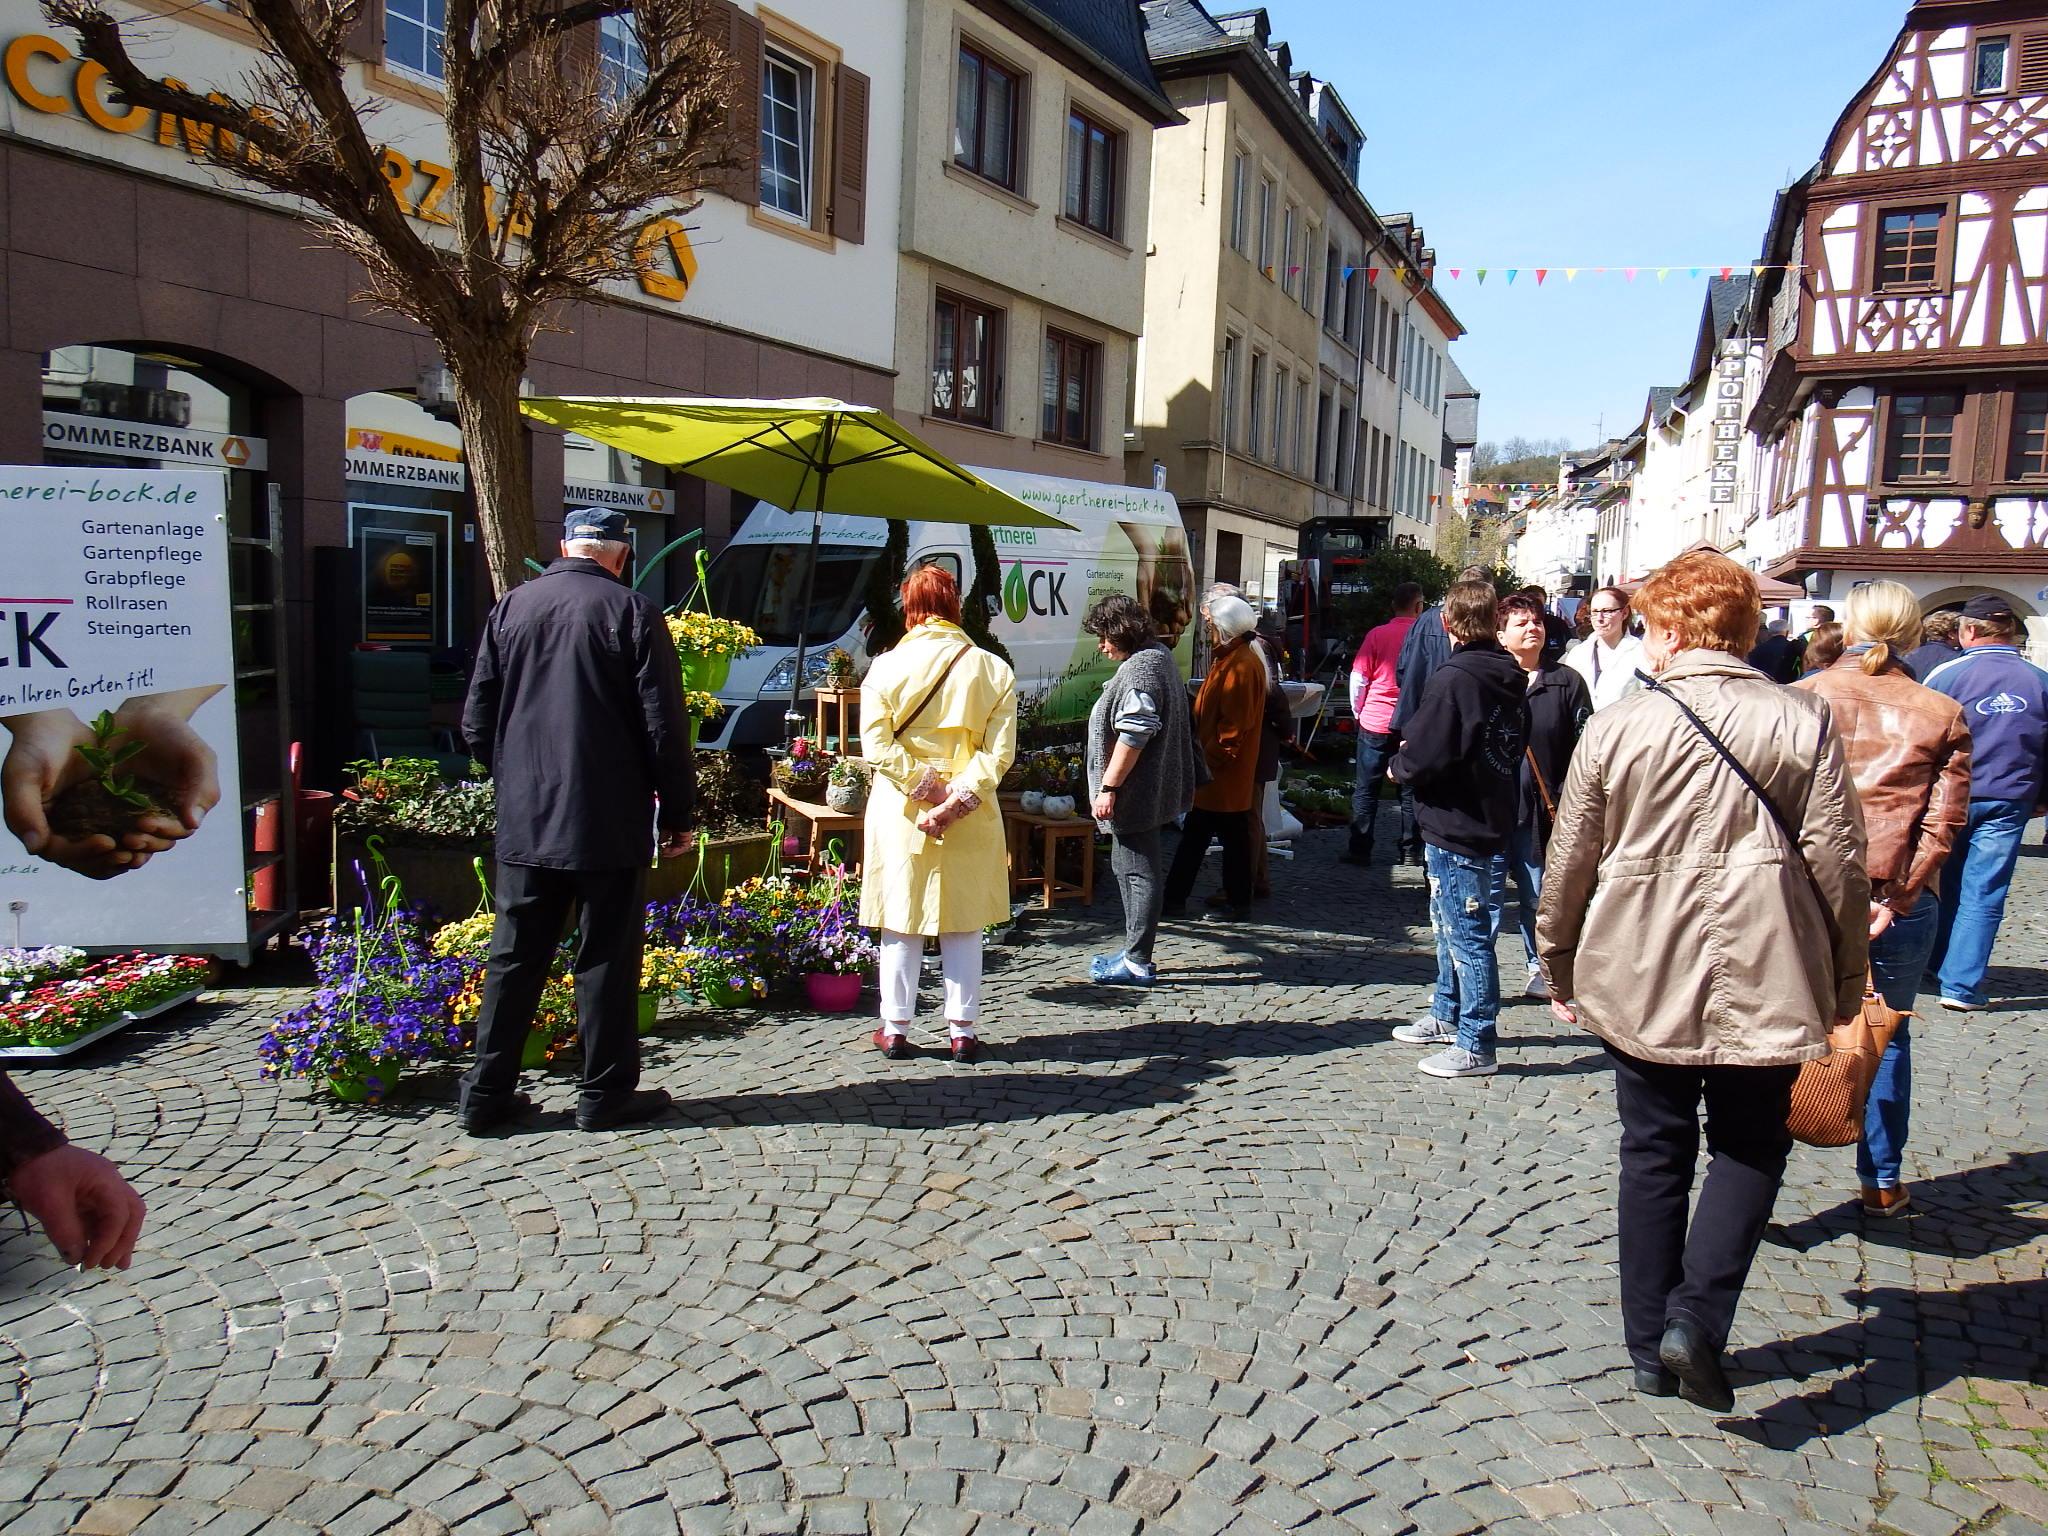 FRÜHLINGSERWACHEN IN KIRN - Galabau - Gartenanlage - Garten - Pflanzen - Bad Kreuznach - Bad Sobernheim - Kirn - Bingen - Meisenheim -